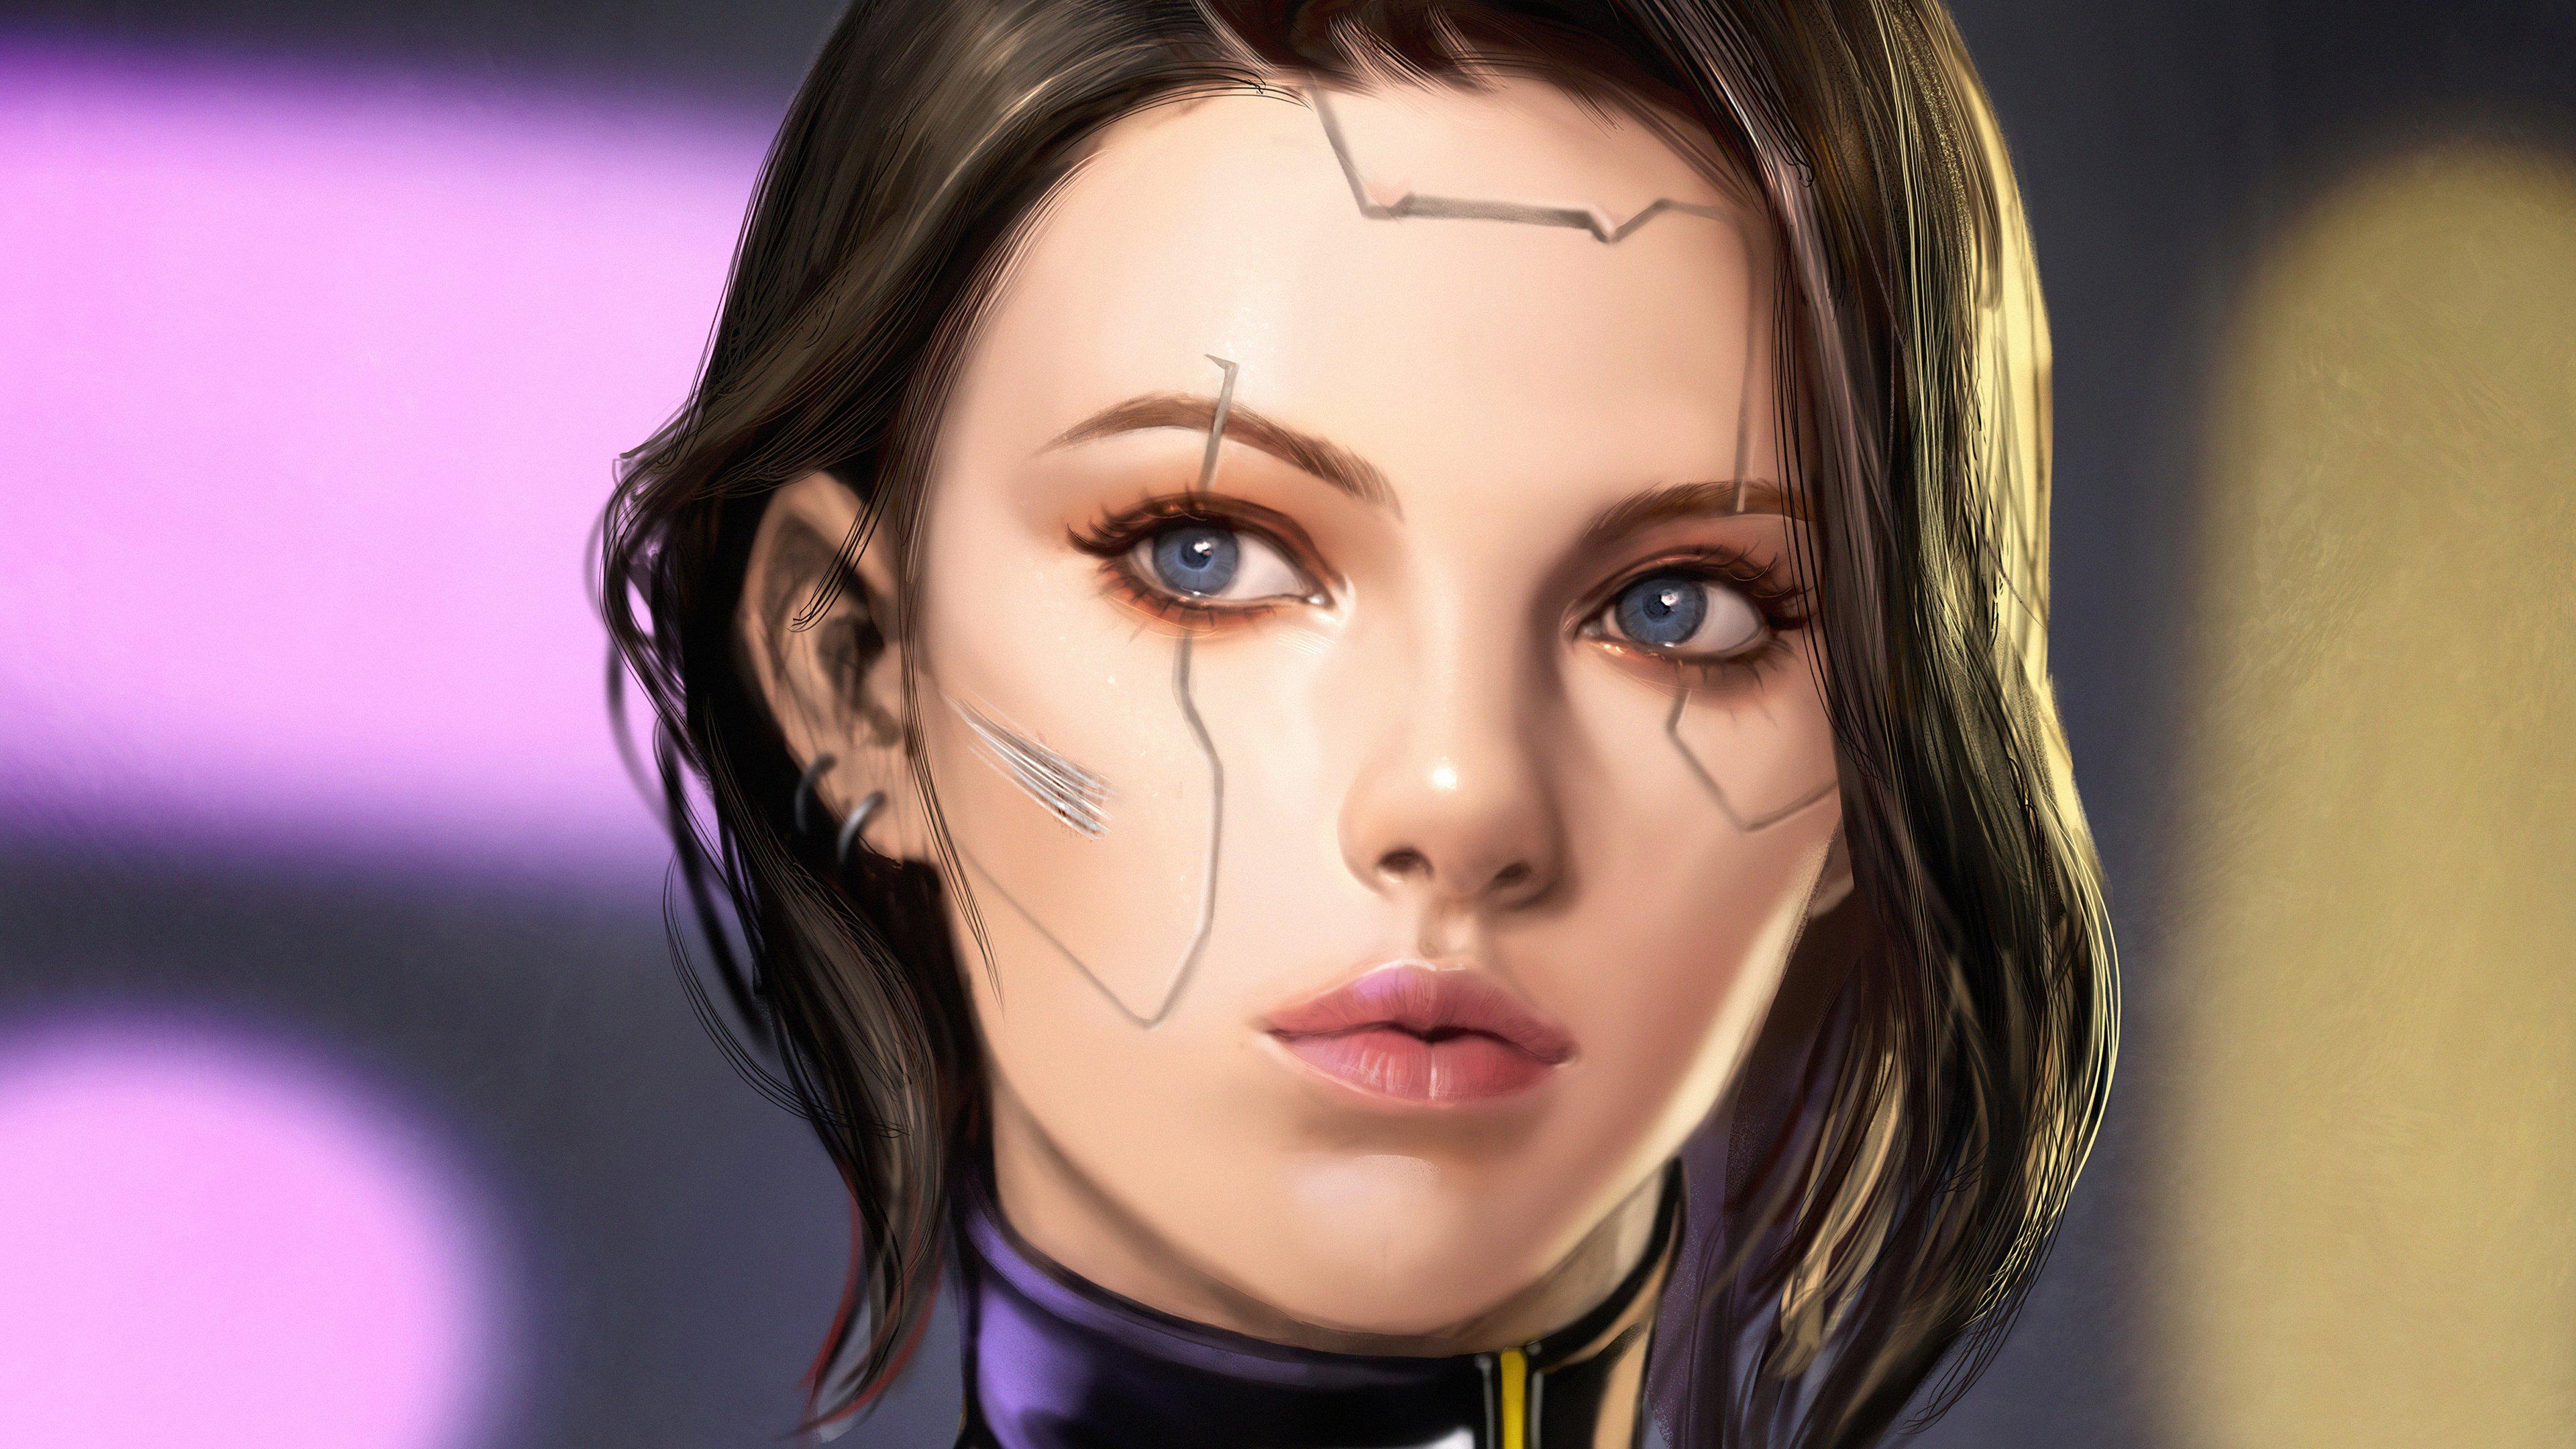 Wallpaper Cyberpunk girl